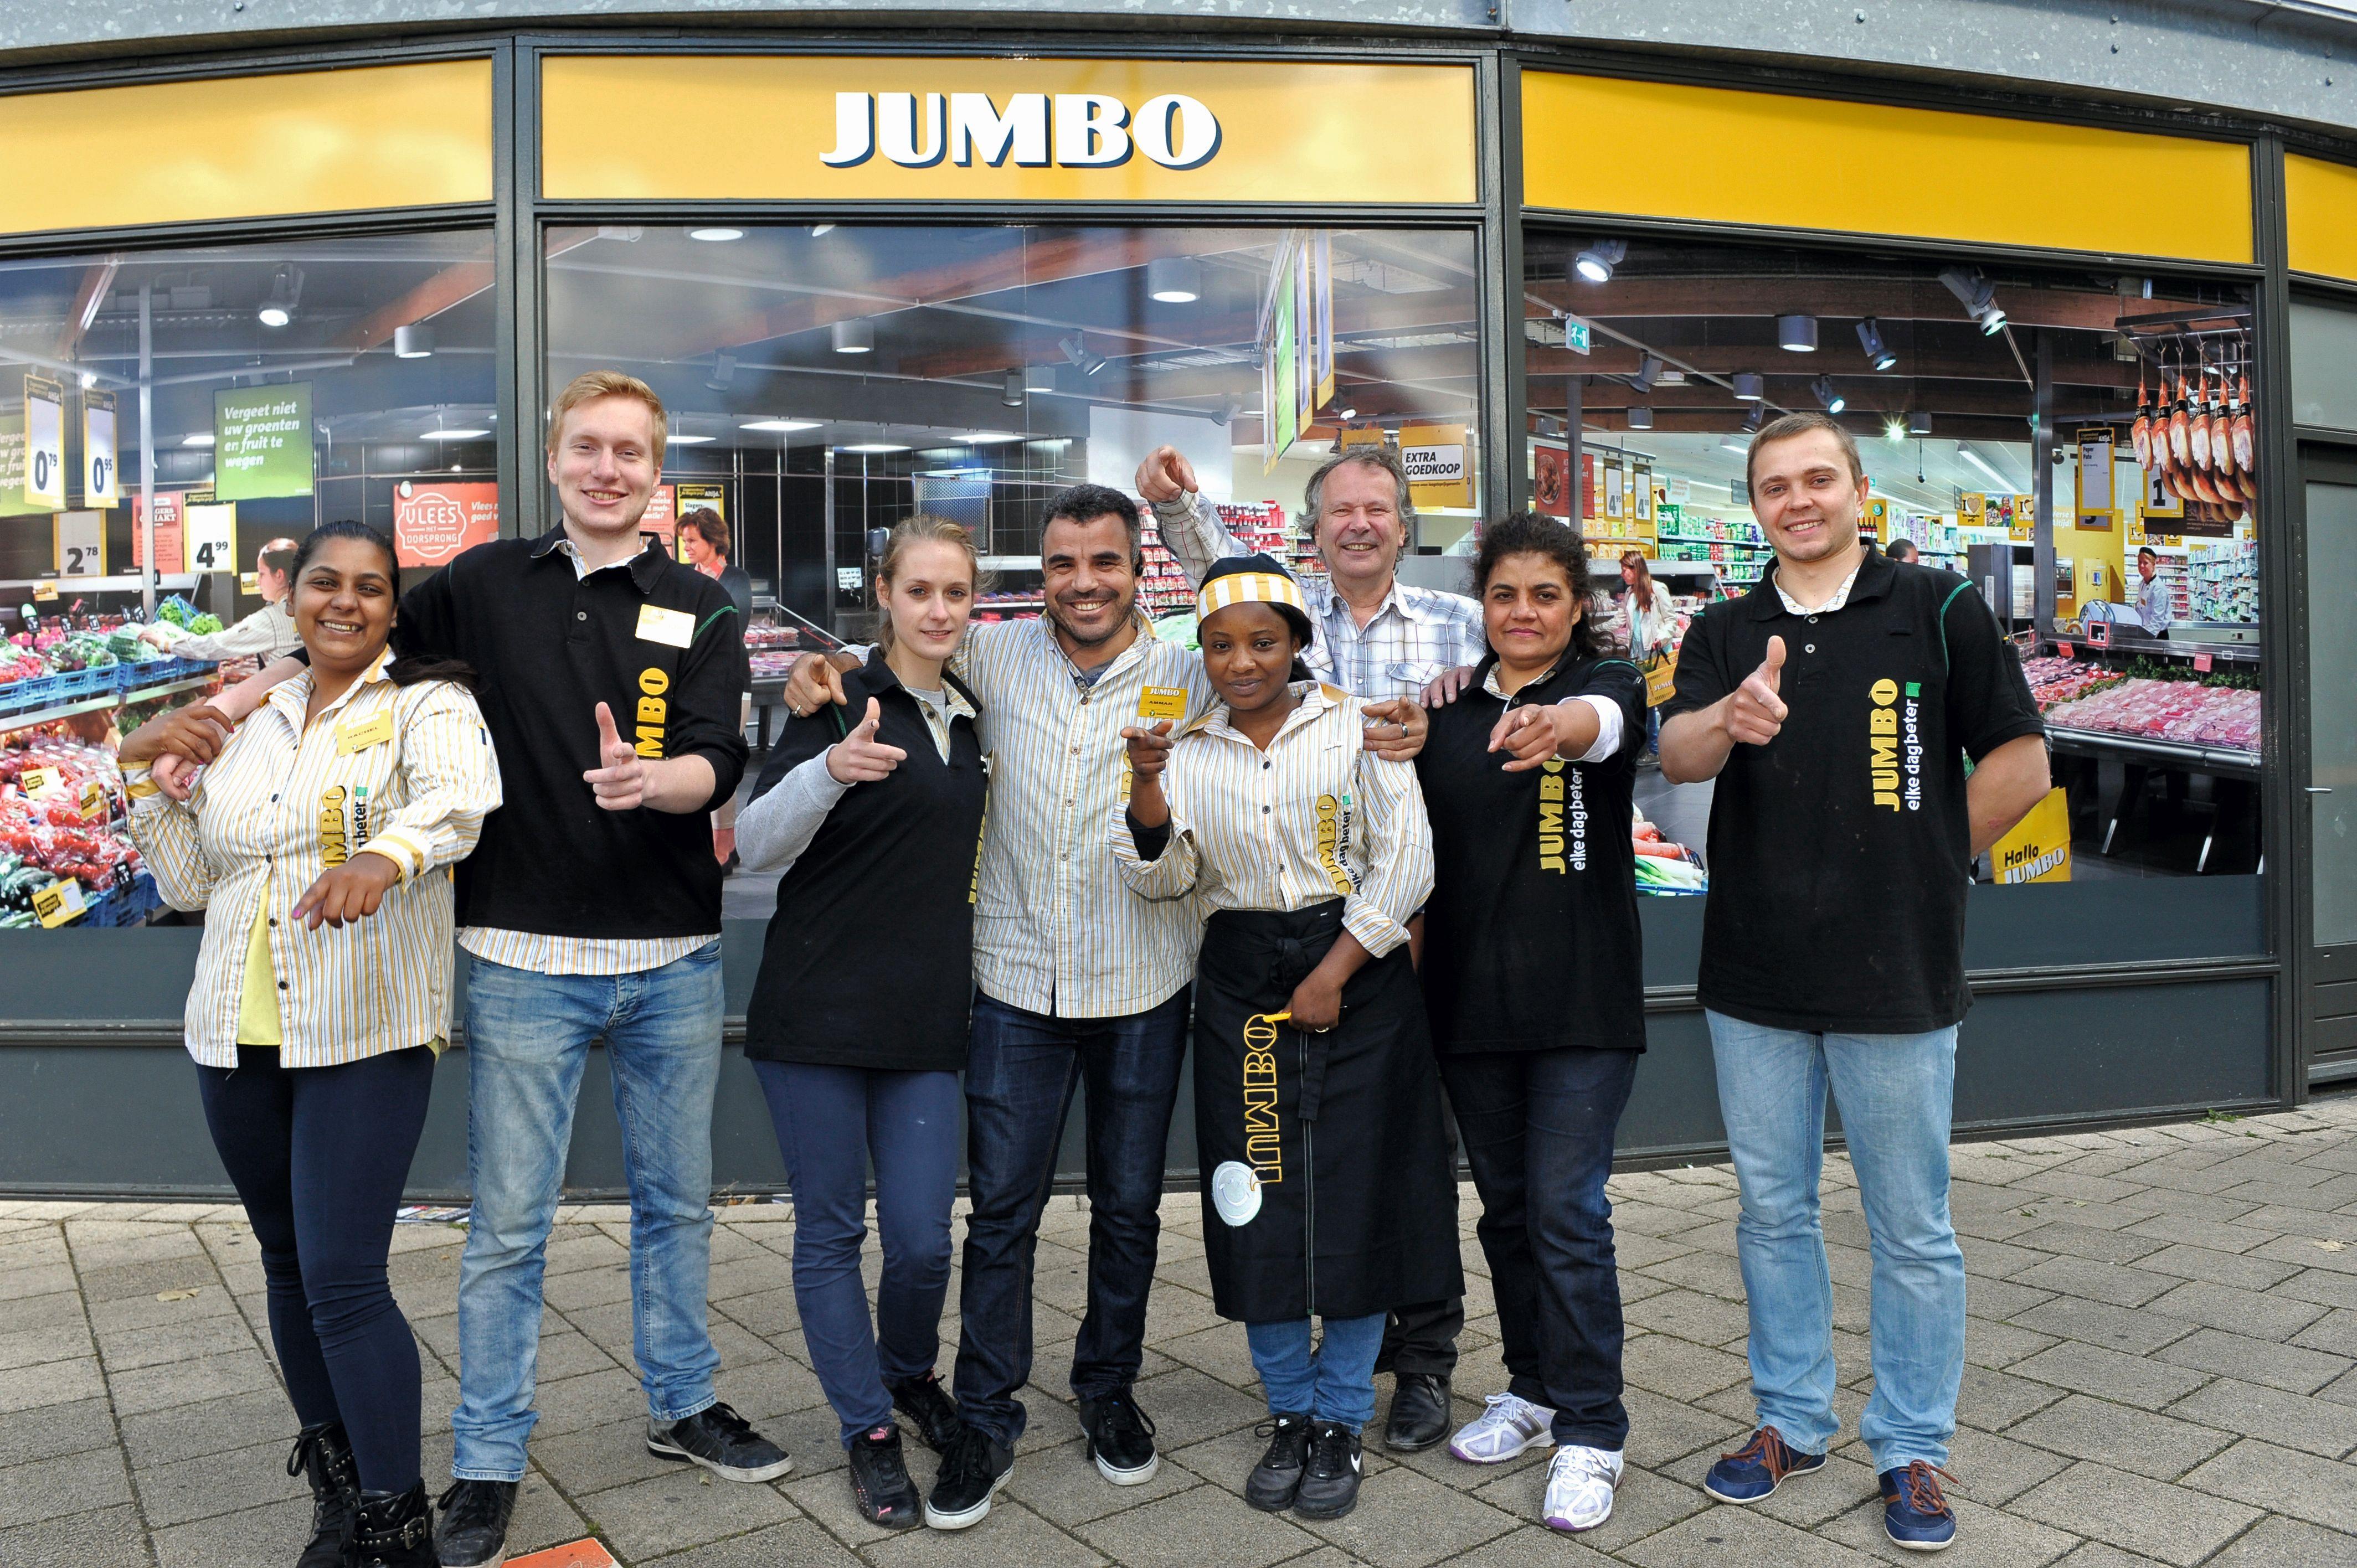 Verkoopmedewerkers Pieter (tweede van links), Anne (derde van links), Vanessa (vierde van rechts) en Leylama (tweede van rechts) zijn respectievelijk Nederlands, Duits, Ghanees en Afghaans. Vulploegleider Pawel (rechts) komt uit Polen.' Foto: Diederick van der Laan